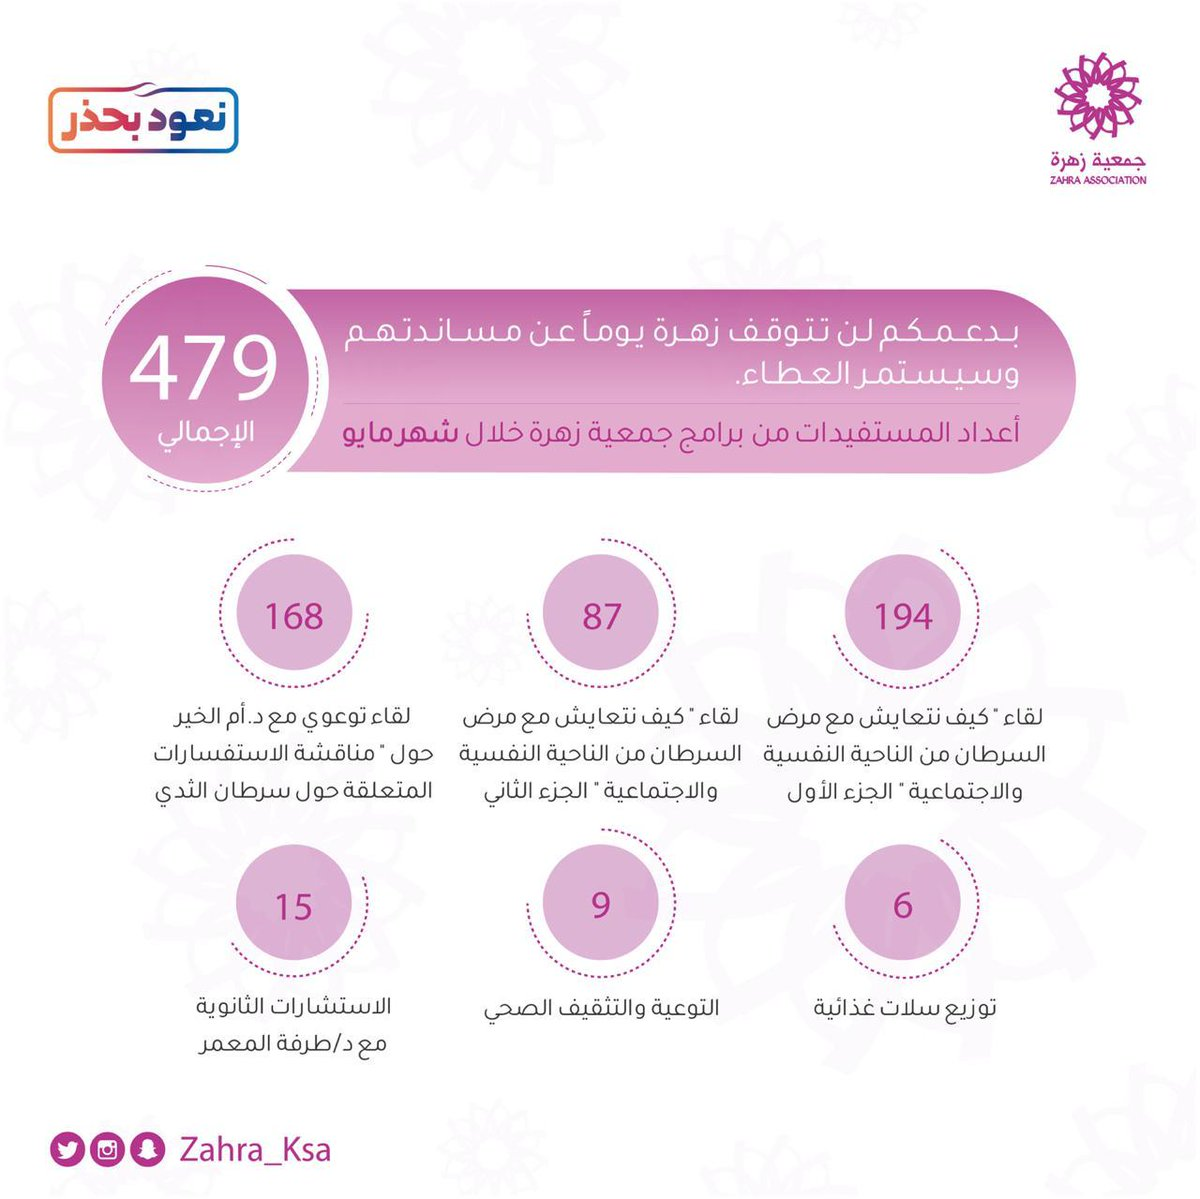 جمعية زهرة لسرطان الثدي